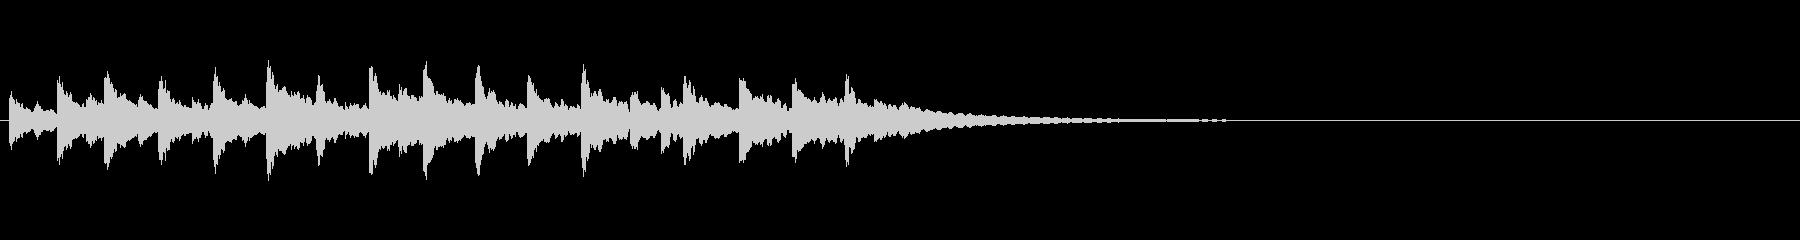 ハンドベルが鳴るの未再生の波形